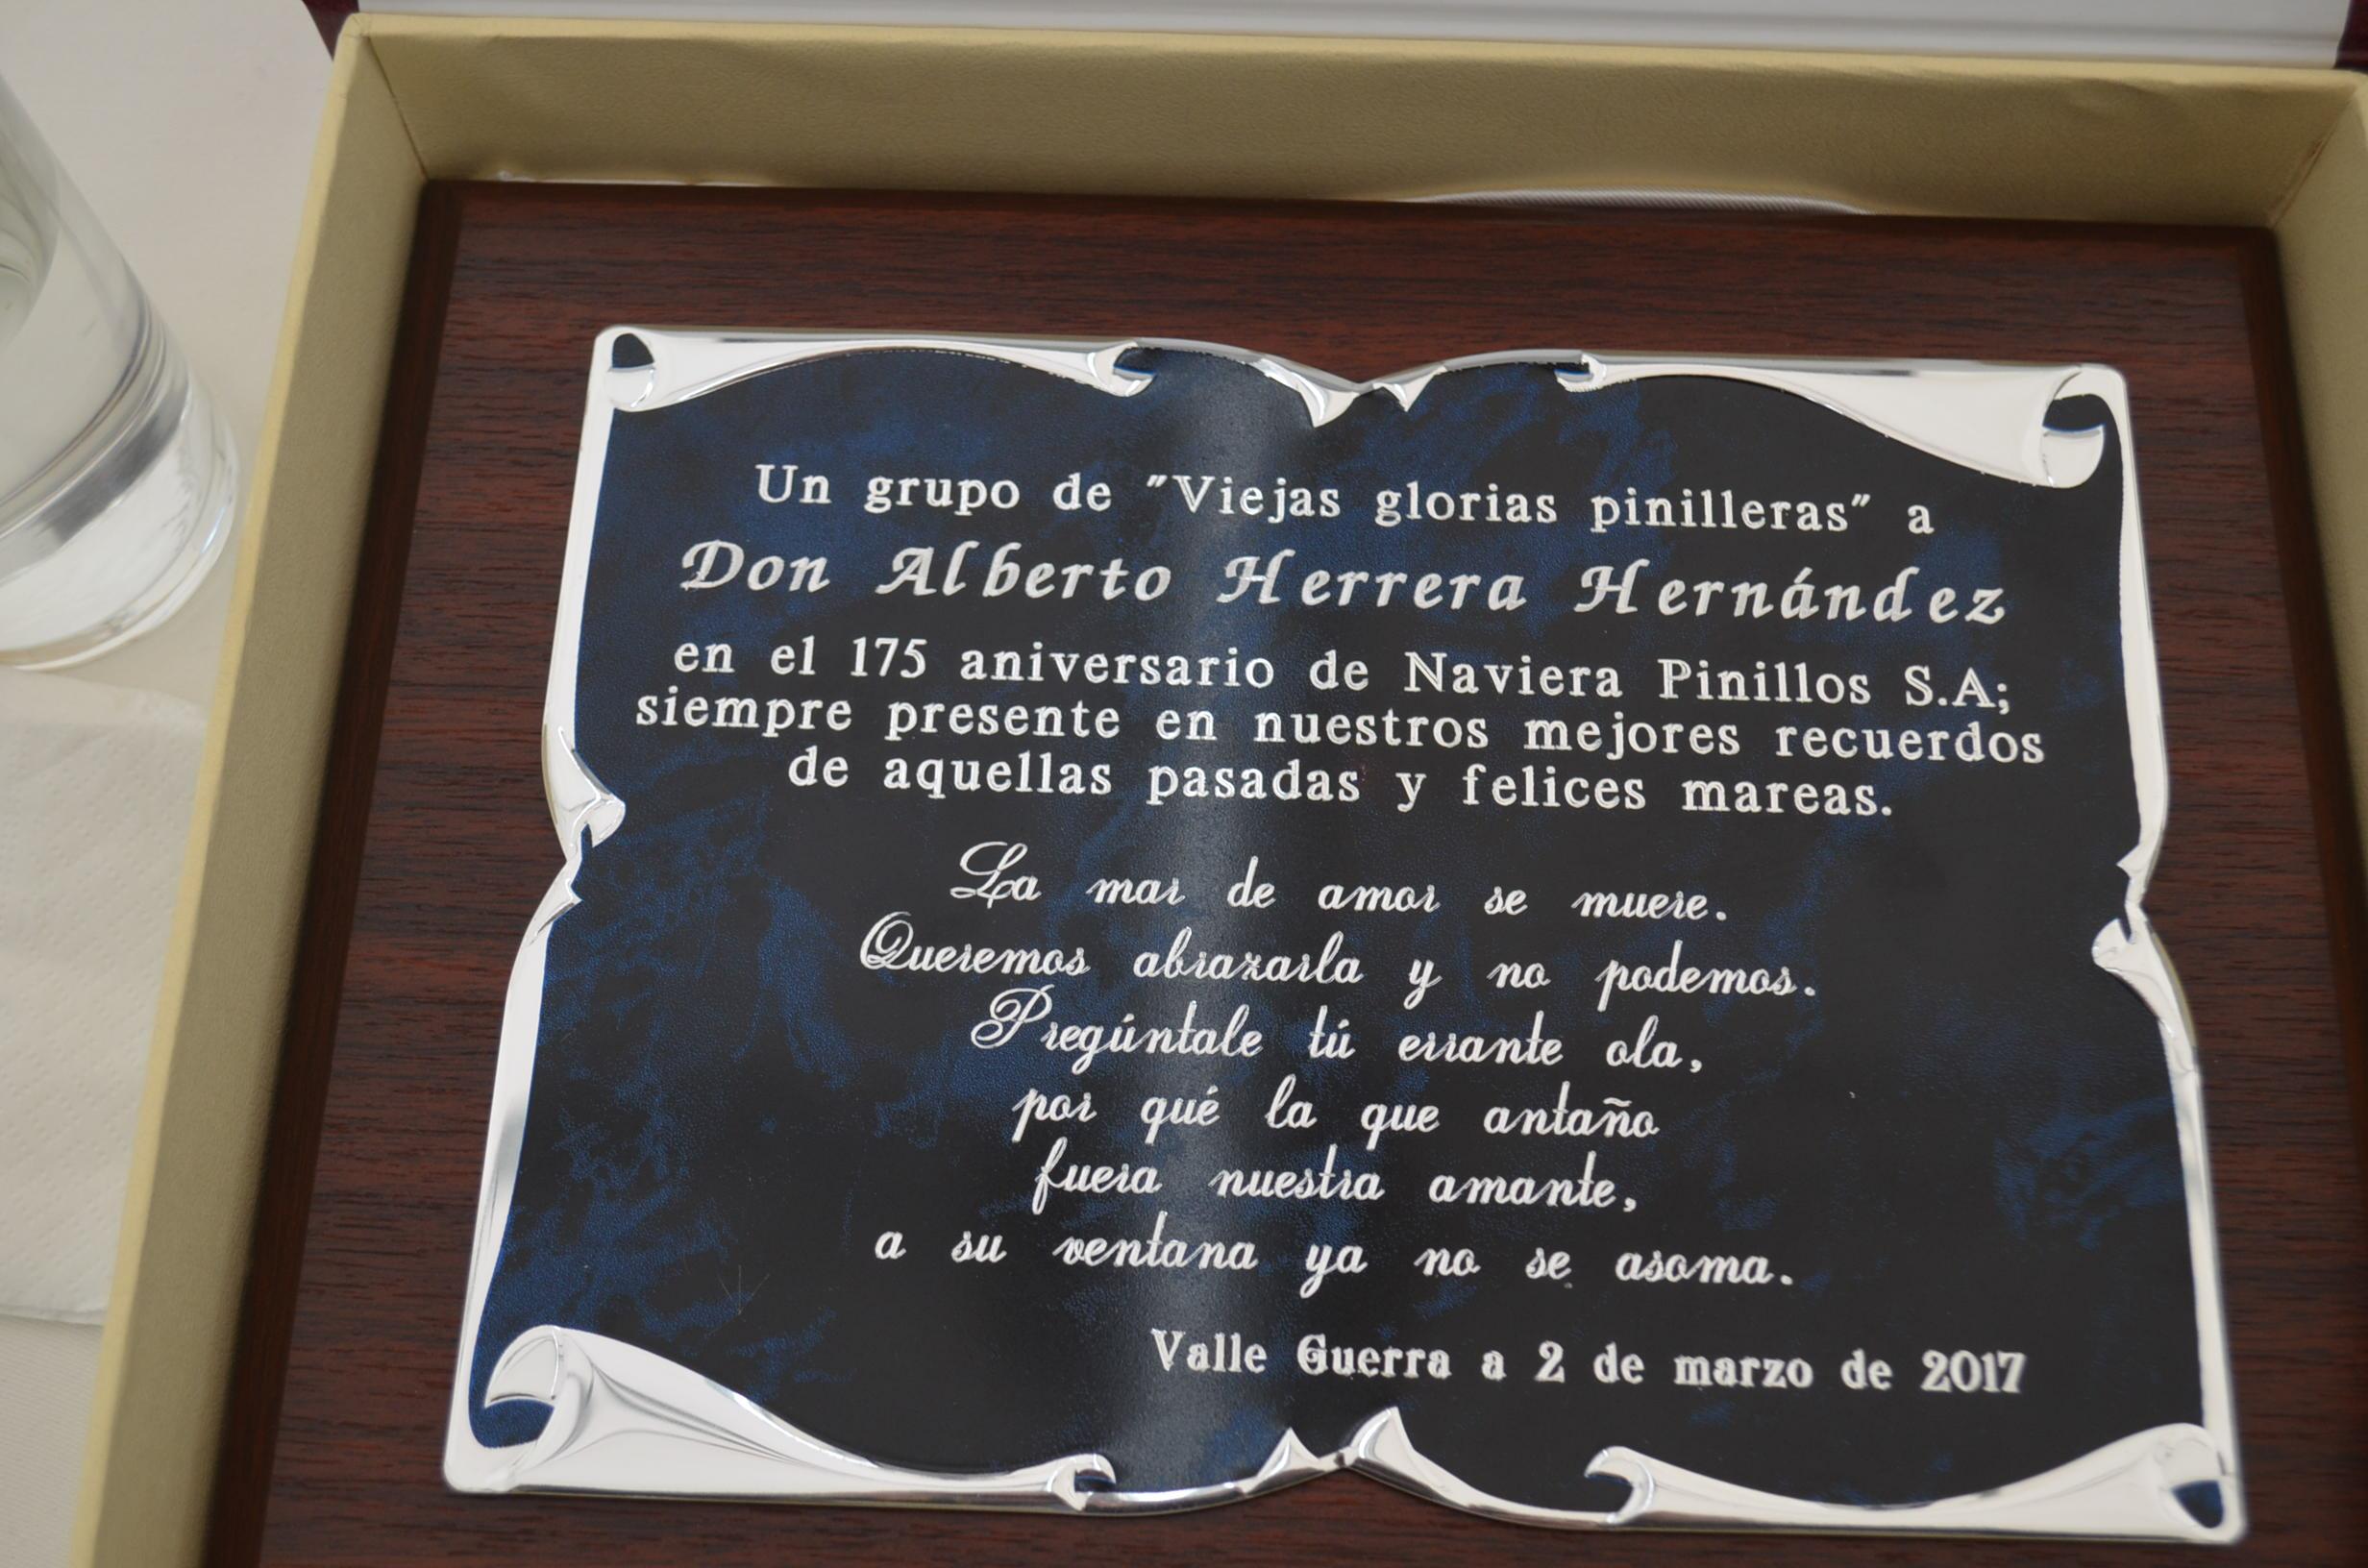 Texto de la placa entregada ayer a Alberto J. Herrera Hernández